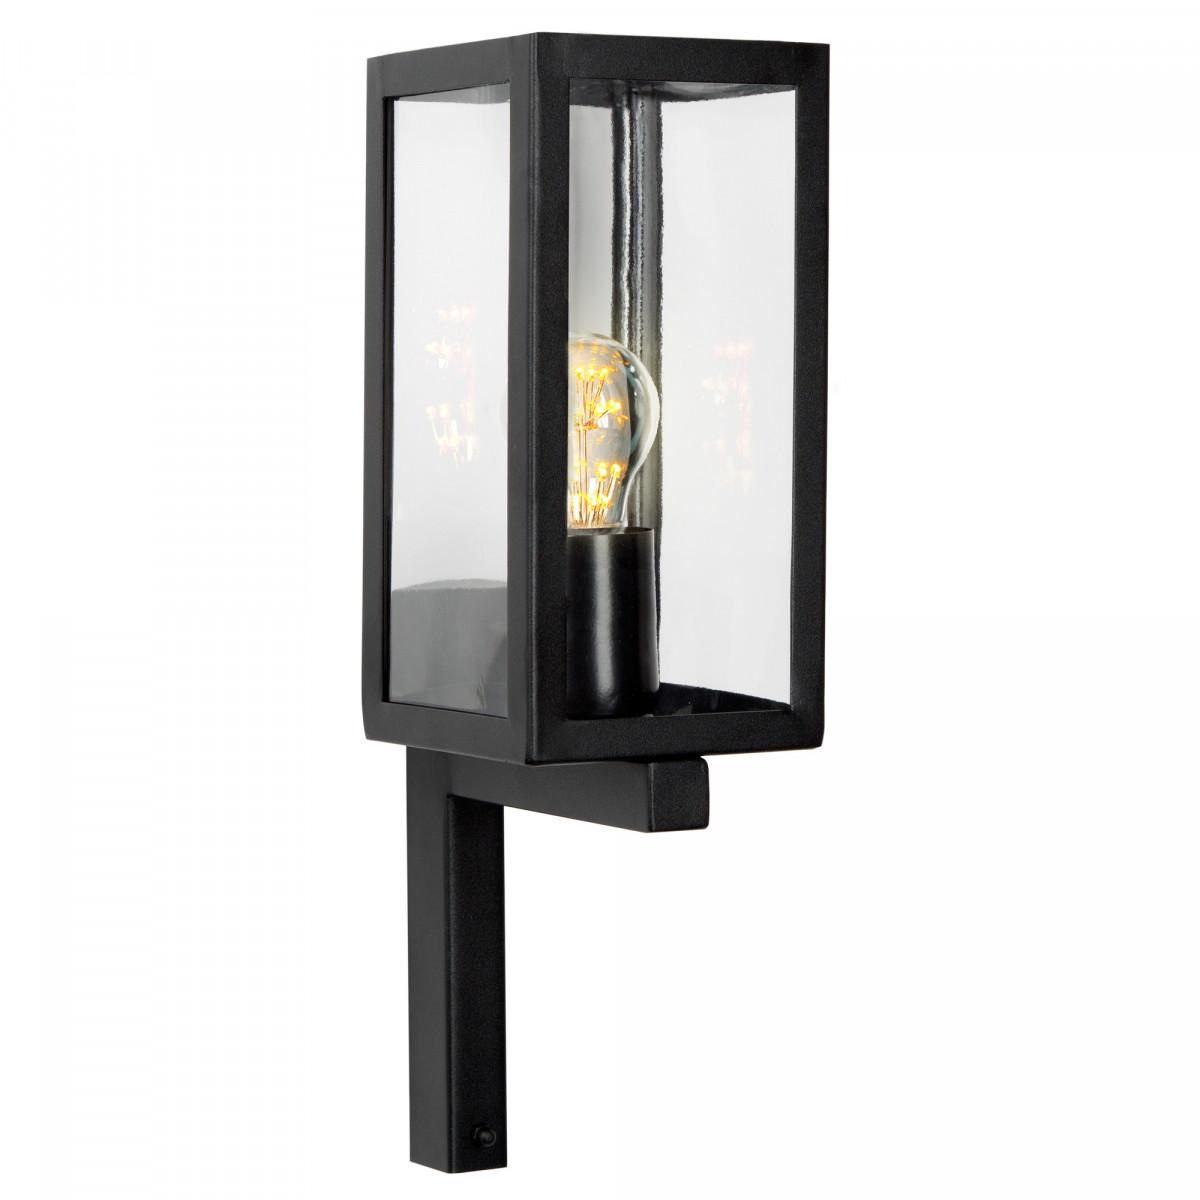 Zwarte buitenlamp Huizen, moderne wandverlichting, box design, rvs met zwarte poedercoating, stijlvol zwarte strak moderne verlichting voor buiten